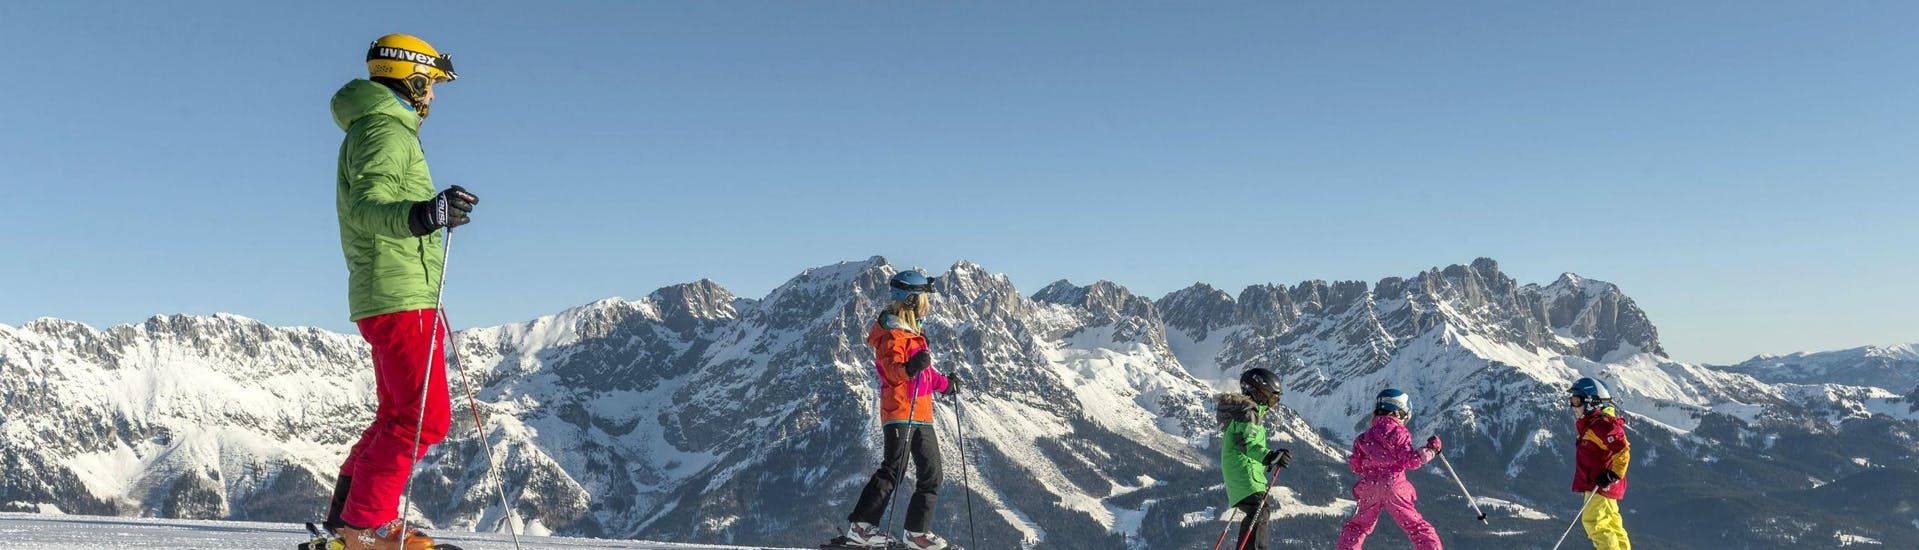 Ausblick auf die sonnige Berglandschaft beim Skifahren lernen mit einer Skischule im Skigebiet Söll.